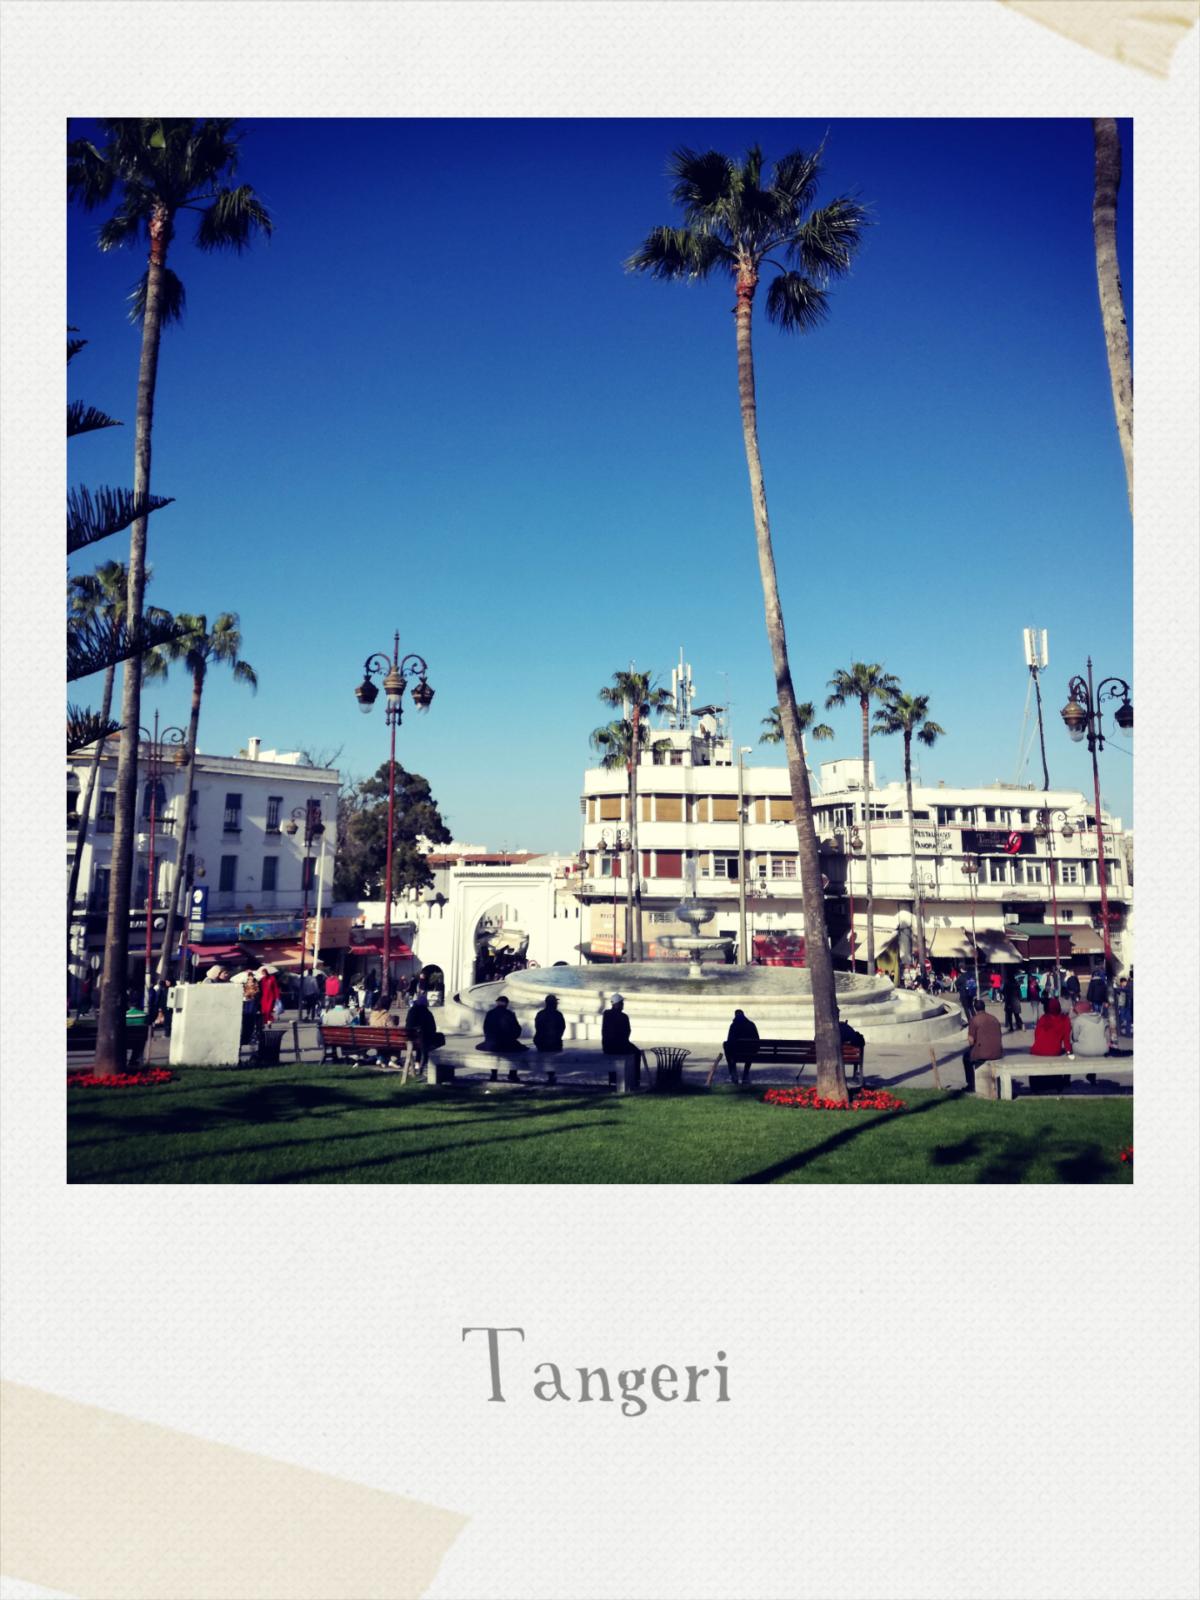 Tangeri, 24 febbraio